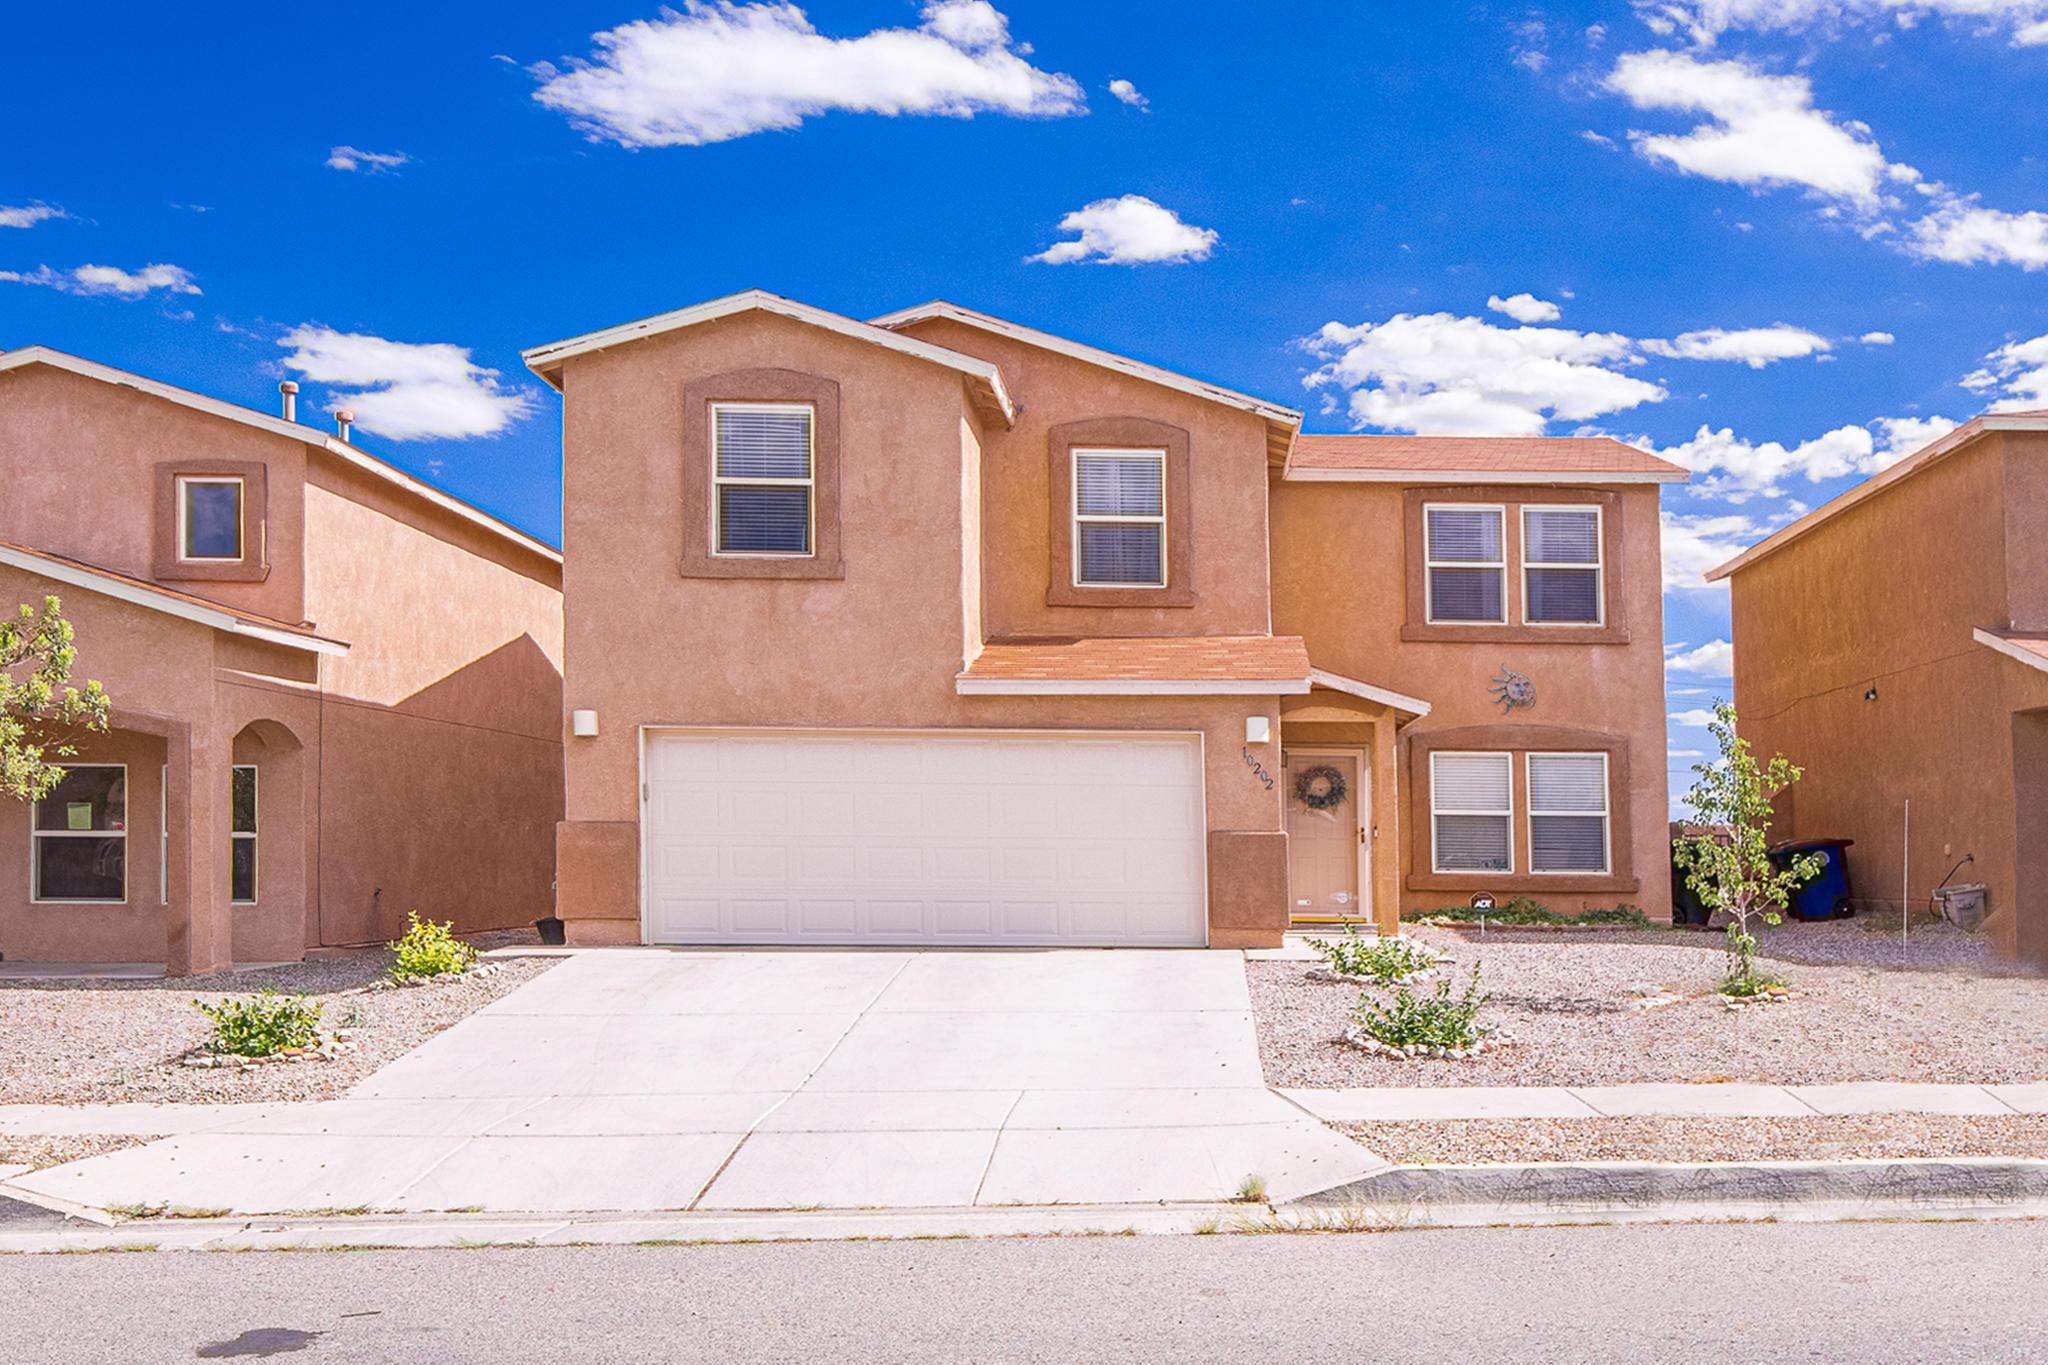 10202 RANGE Road, Albuquerque NM 87121